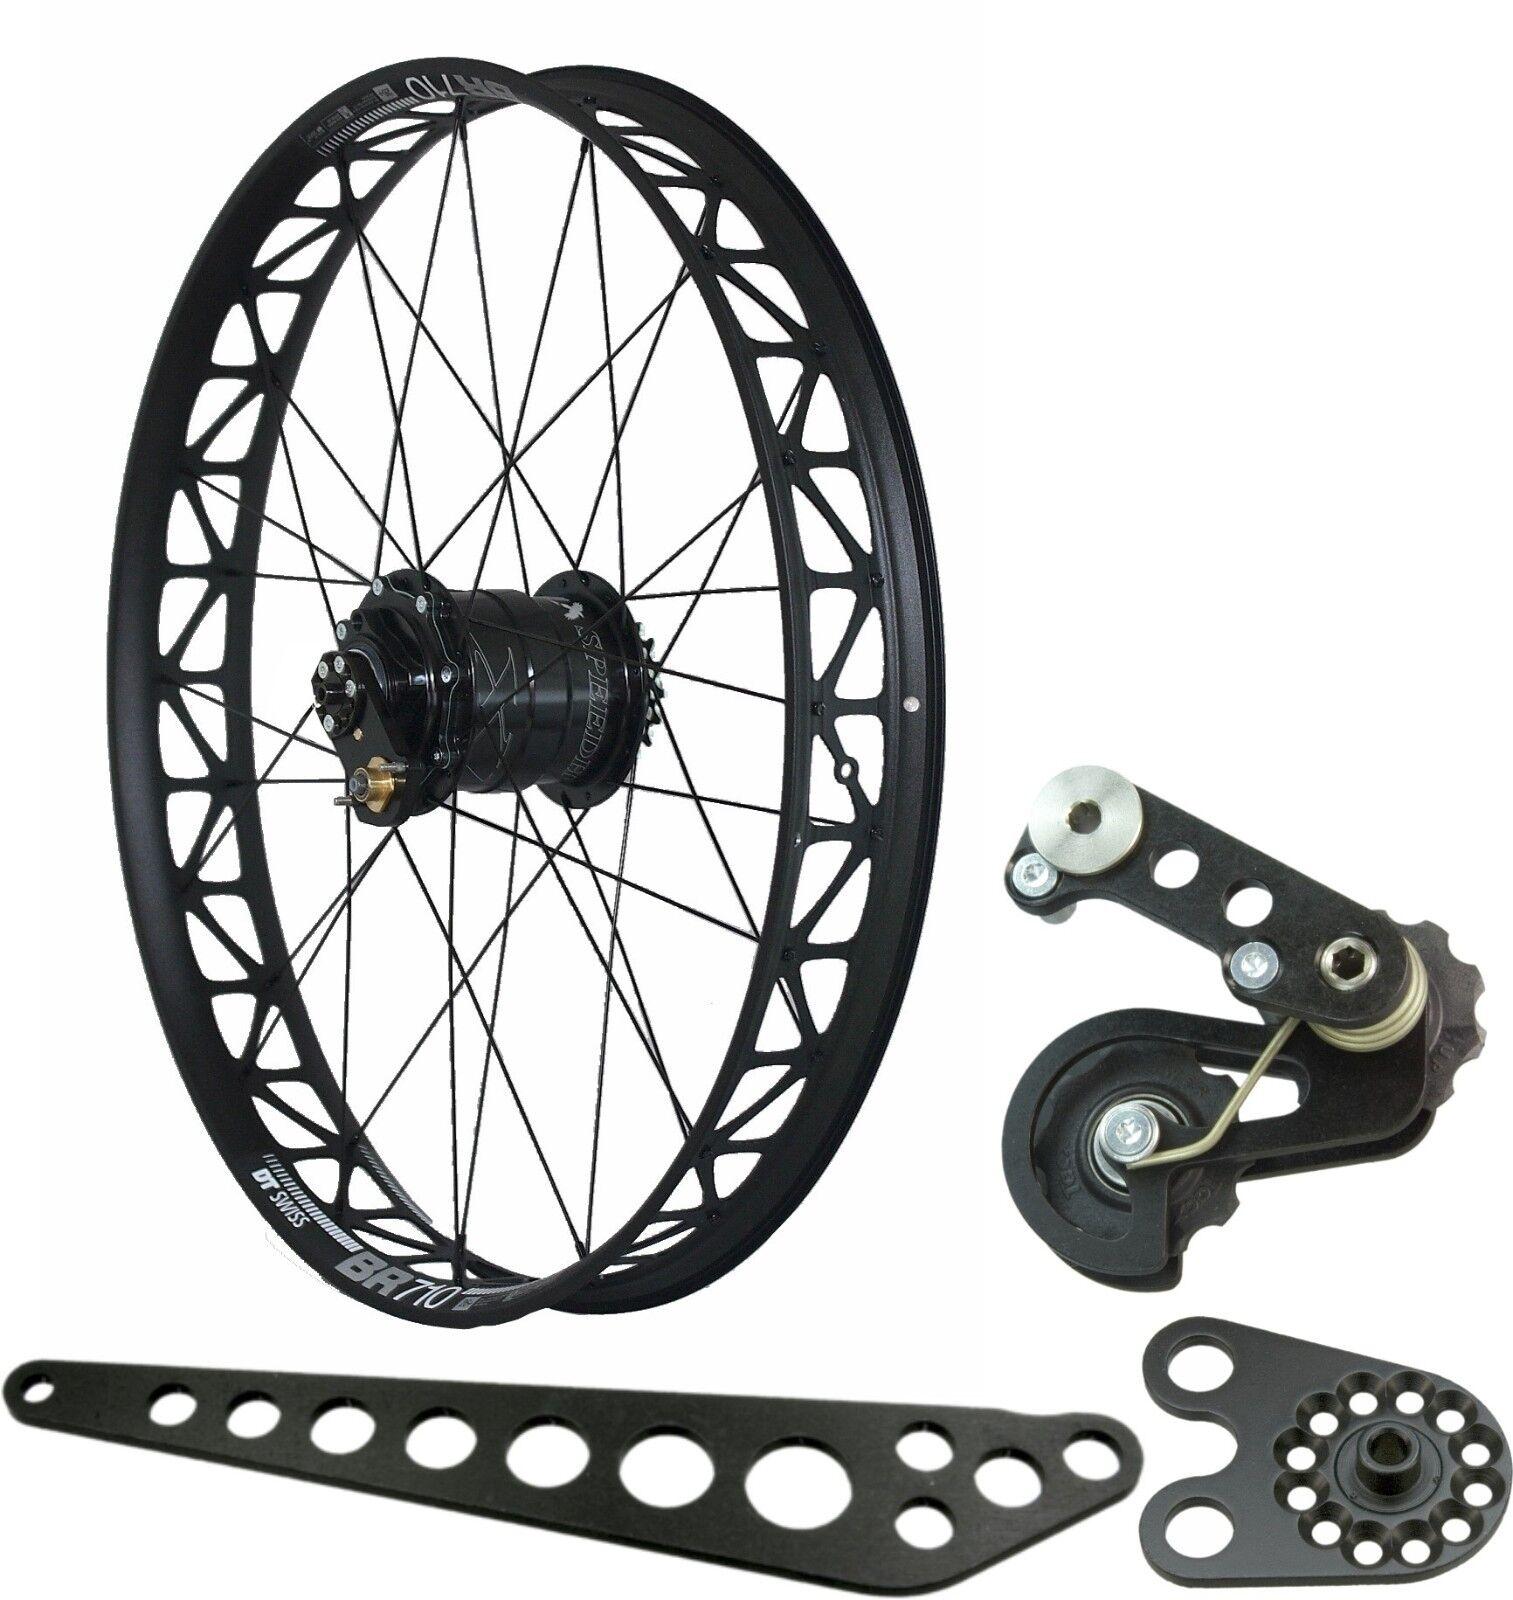 Grand vélo roue  arrière avec Rohloff 8022 XL Dimension intégrée 170mm dt-swiss  low prices